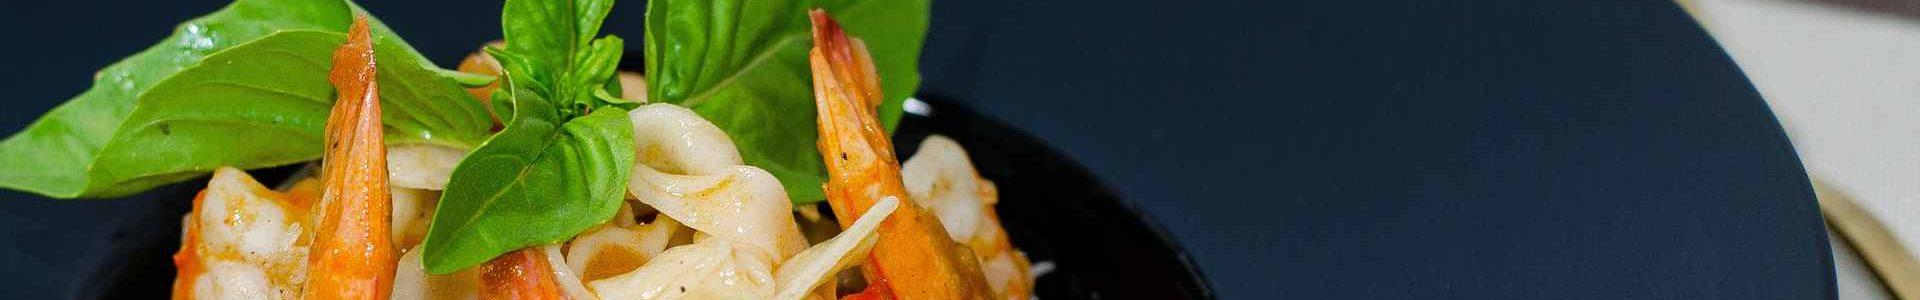 Паста с креветками и базиликом